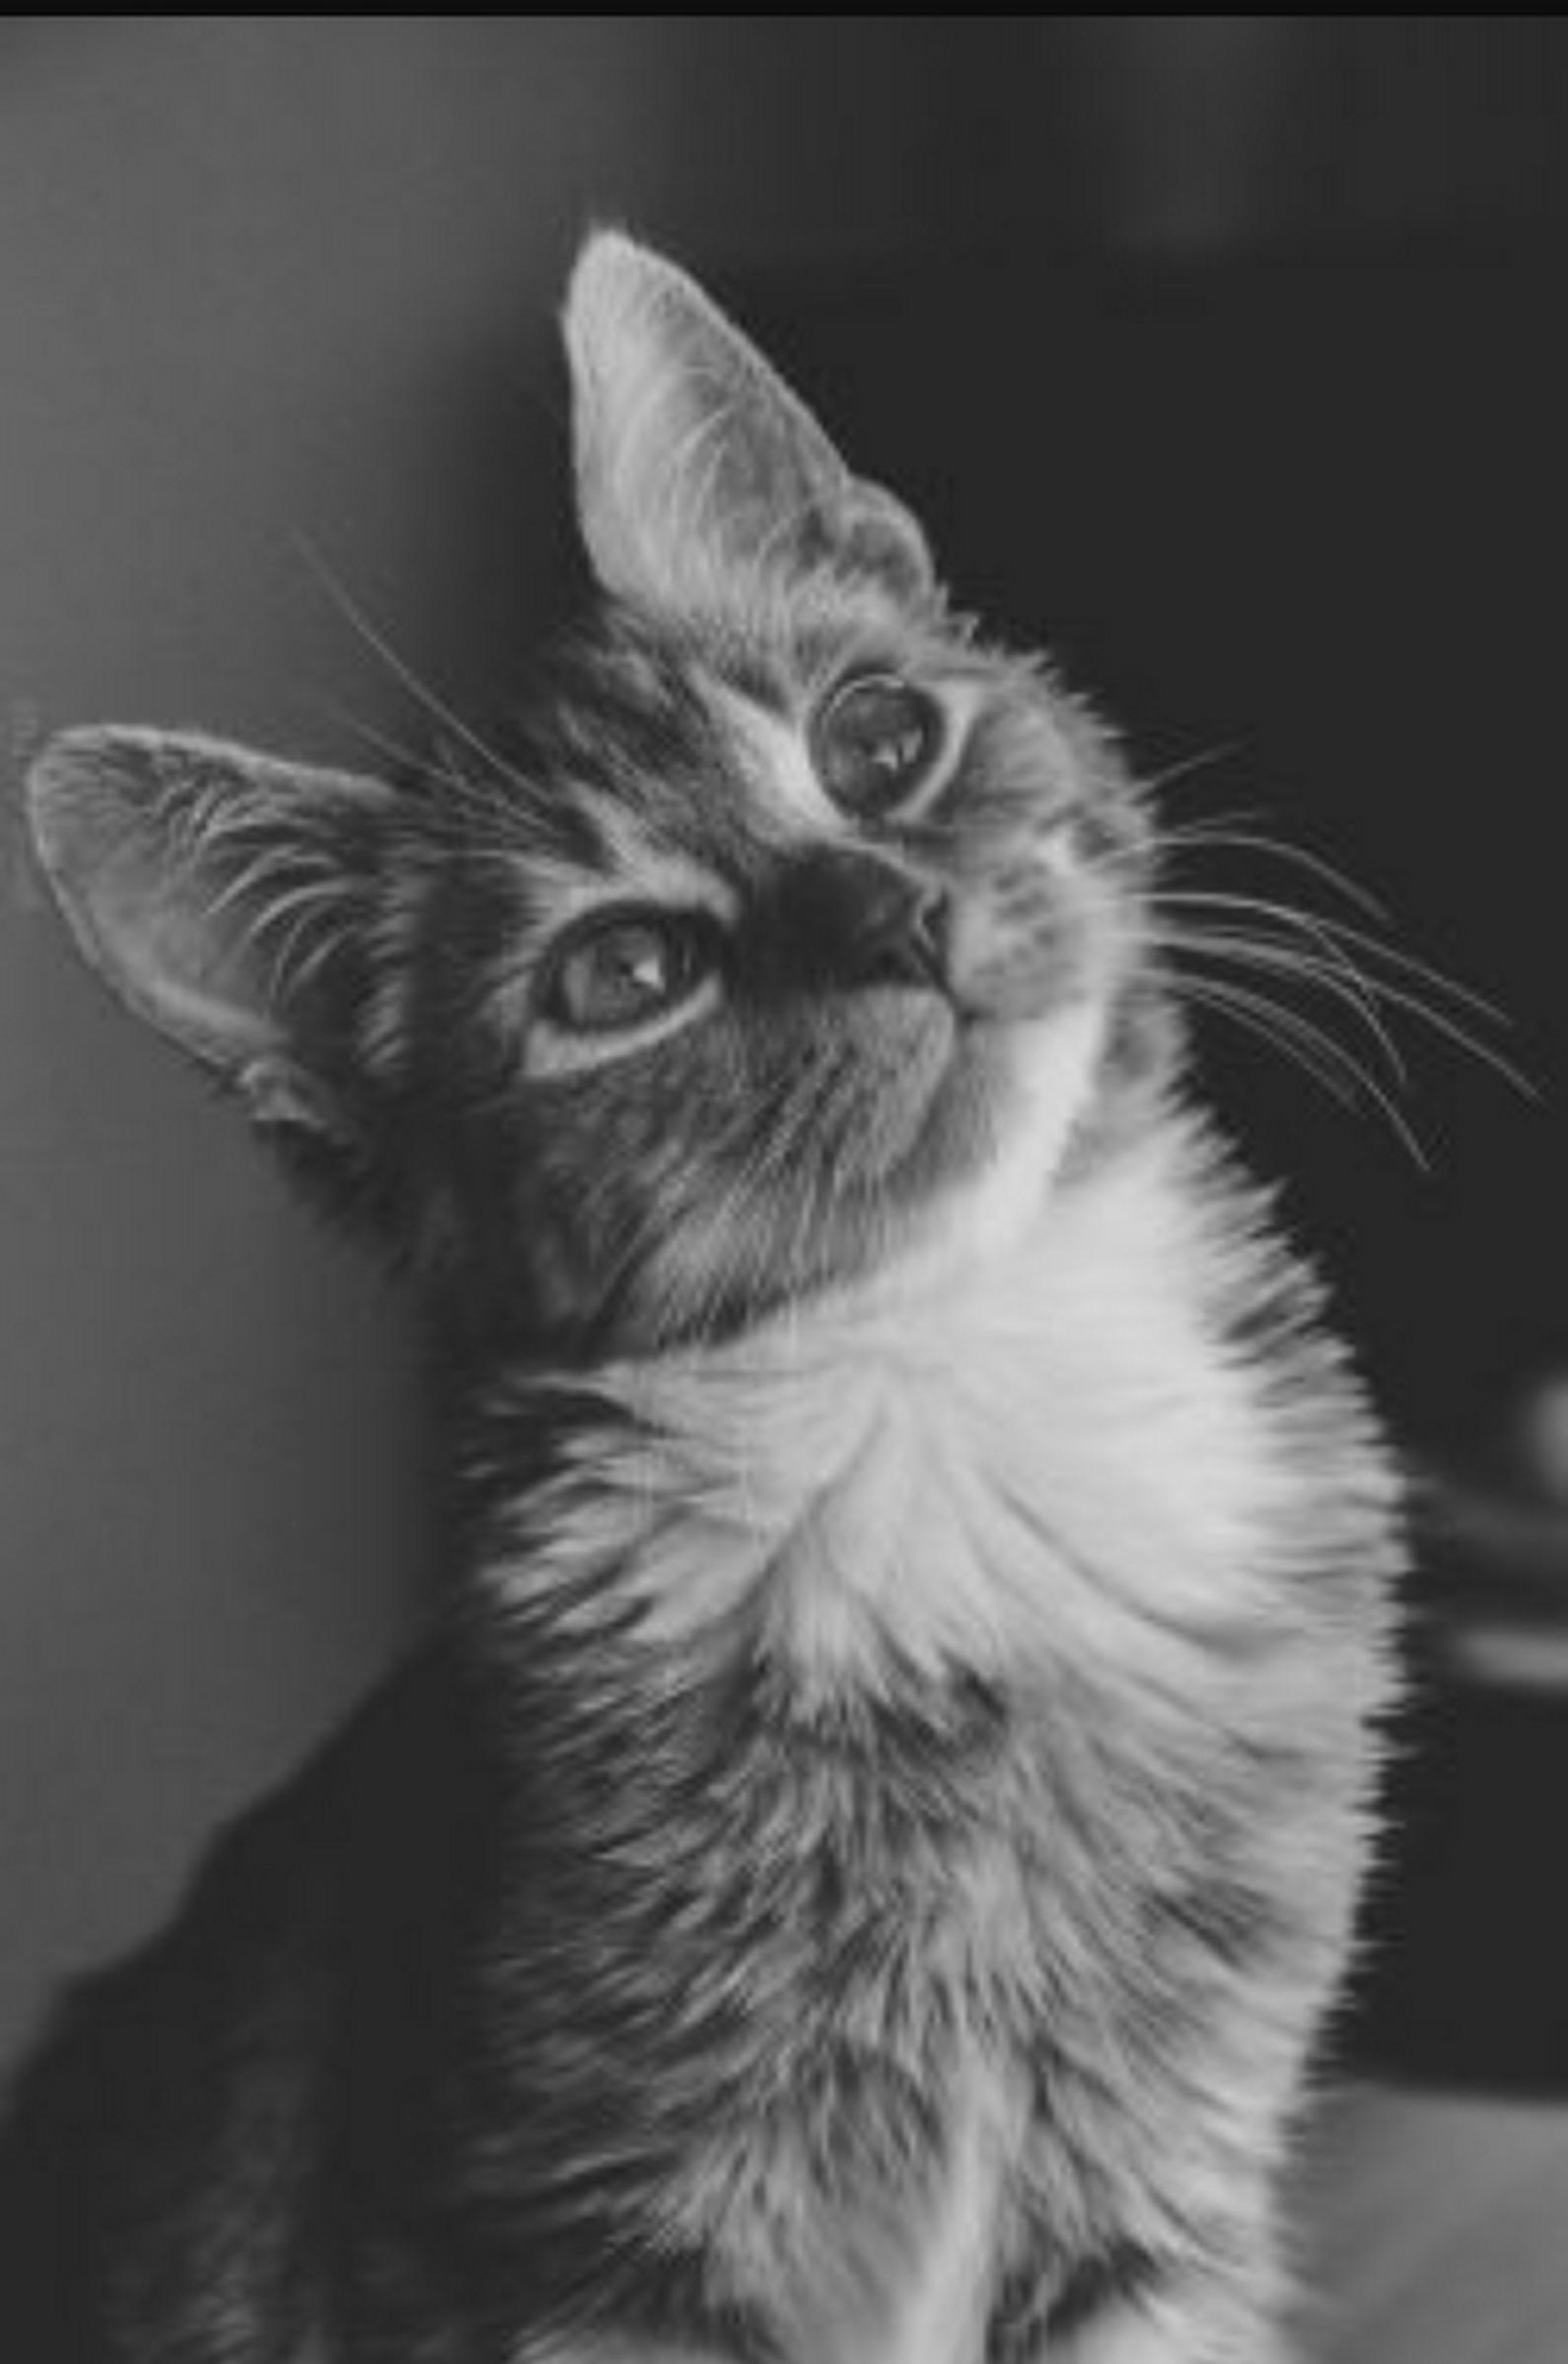 Buongiorno gatti e for Buongiorno con gattini